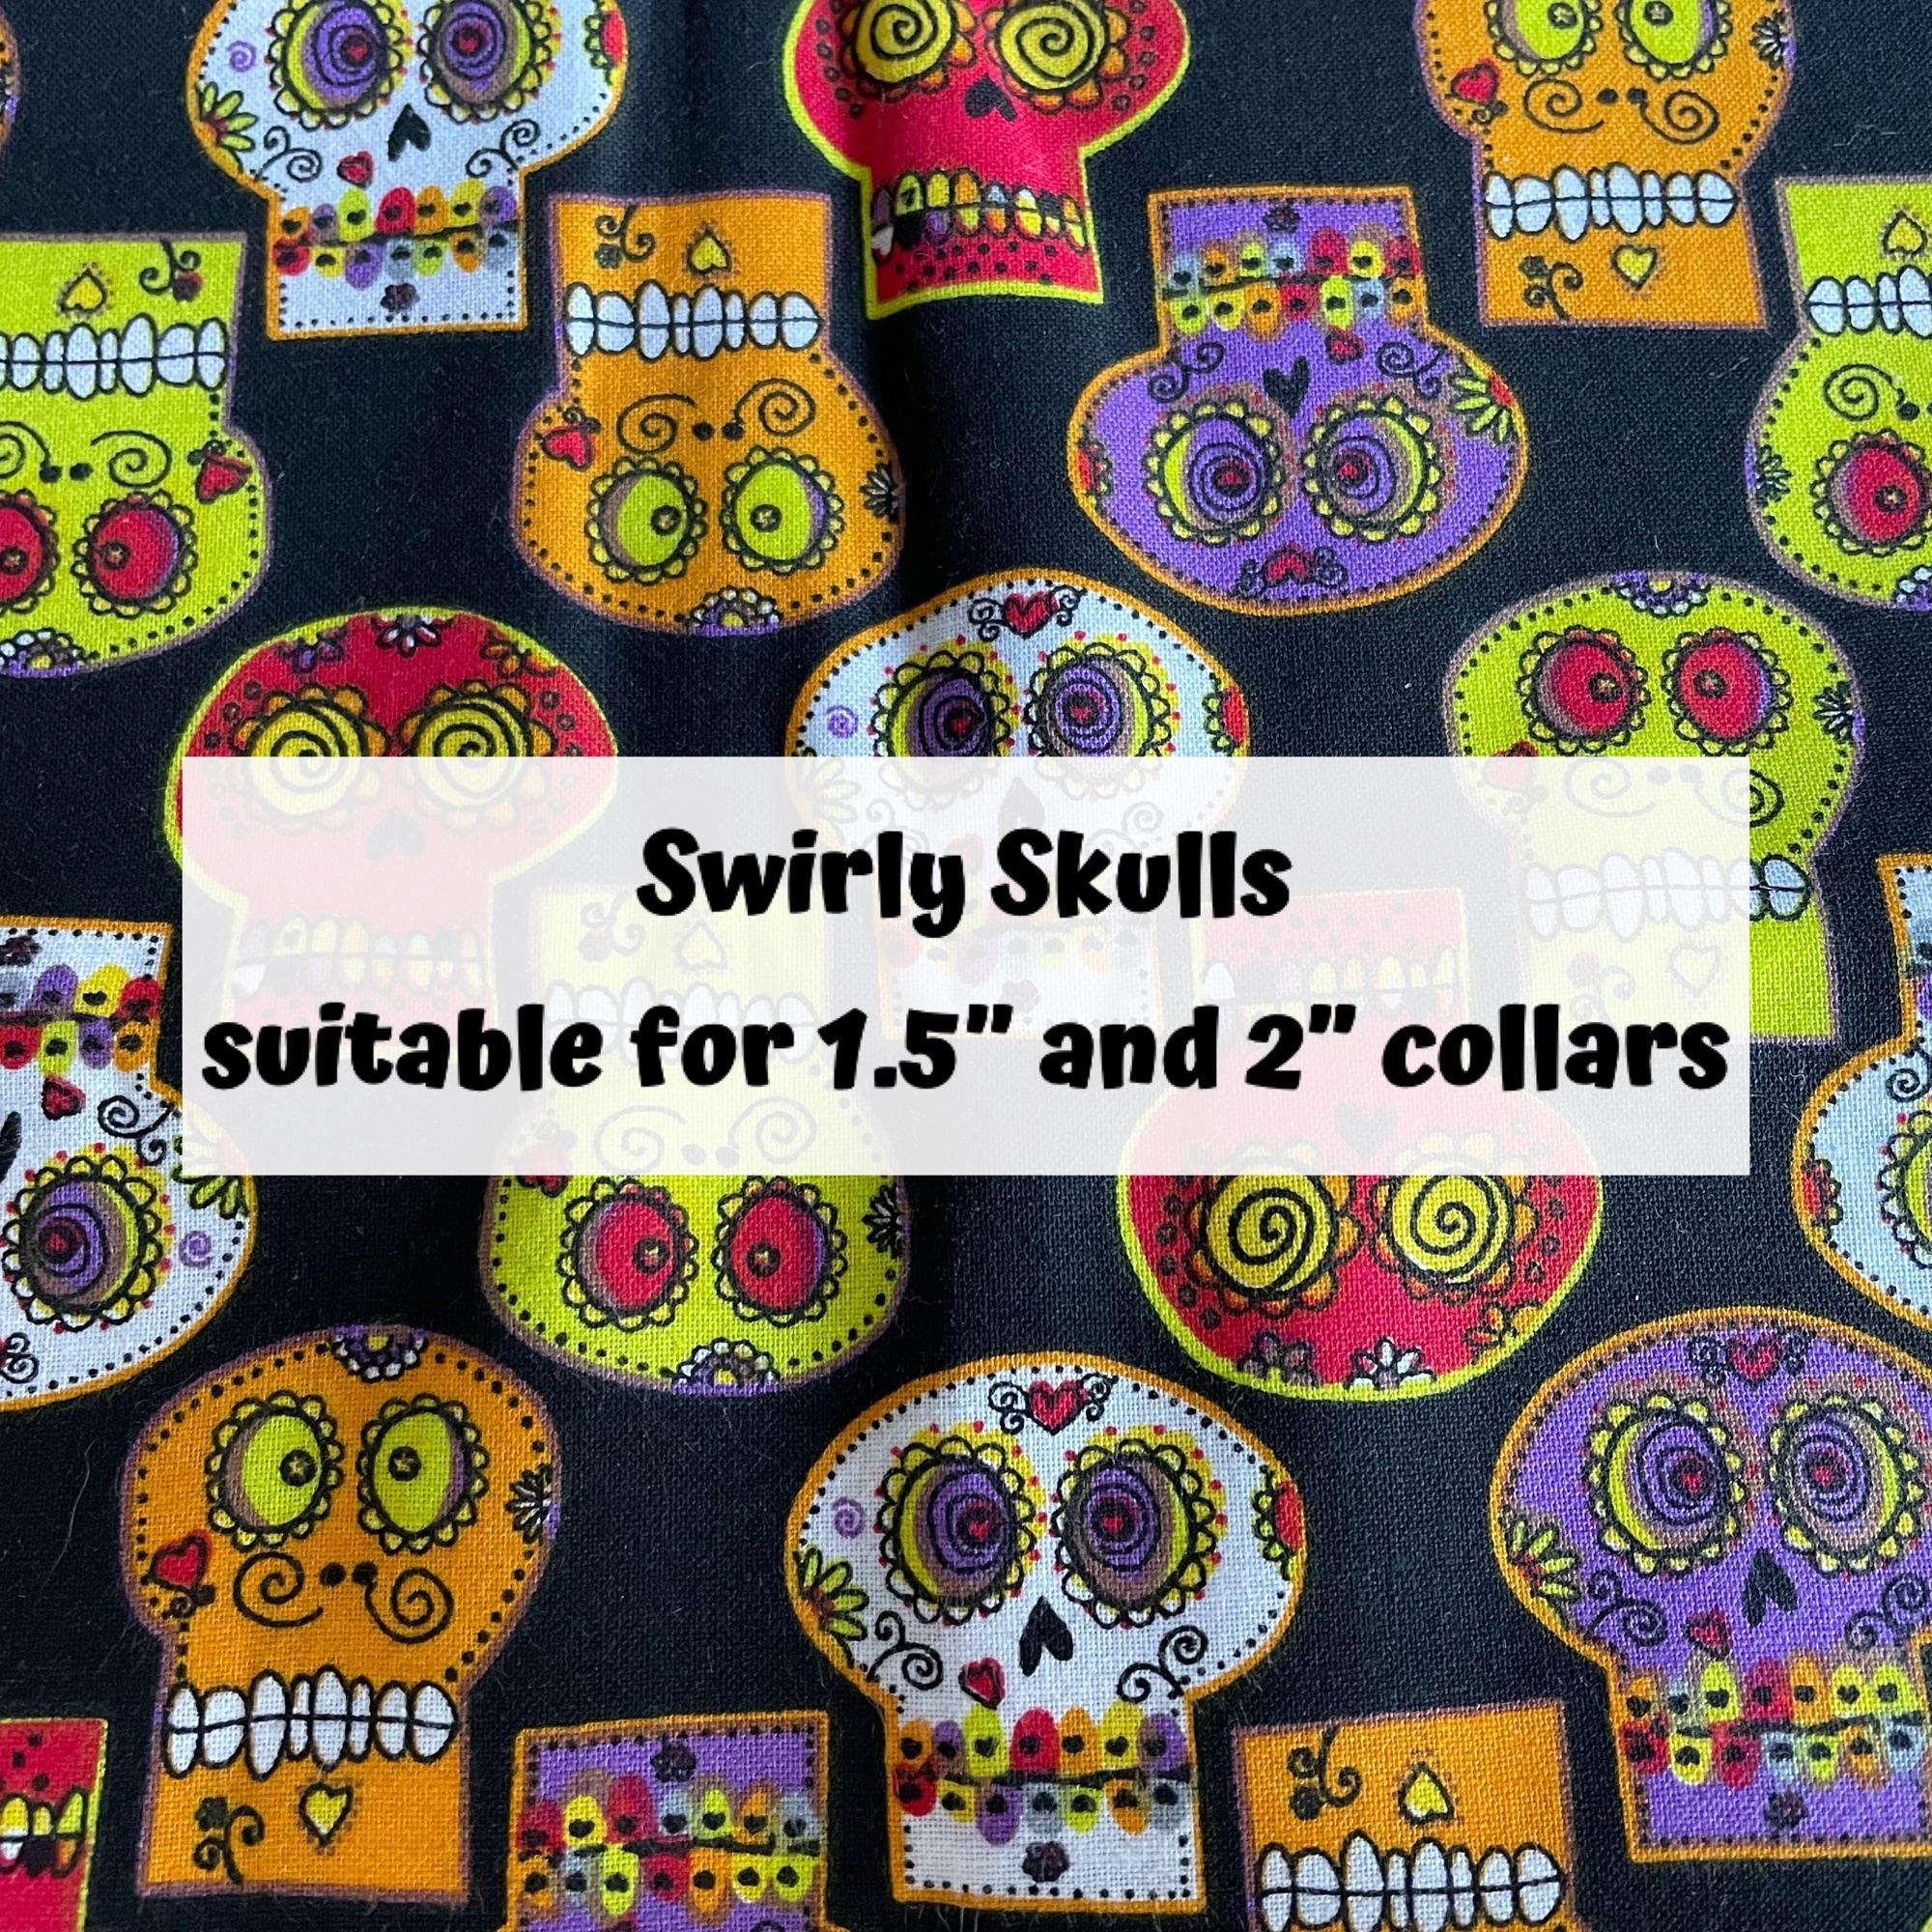 Swirly Skulls